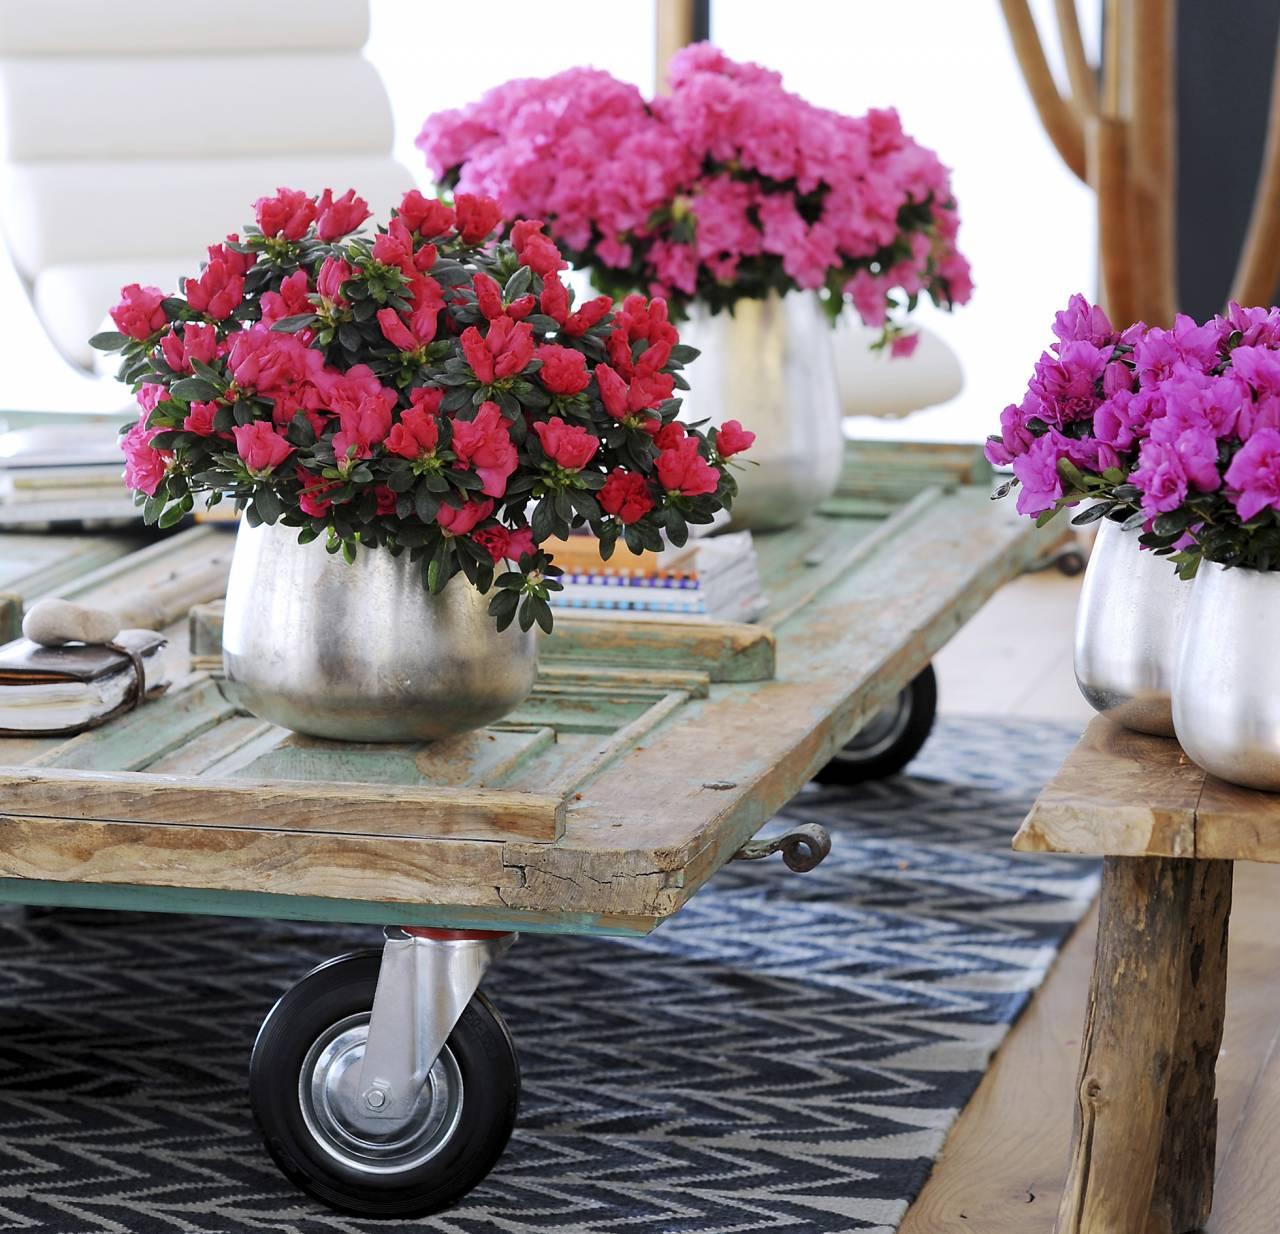 Azaleor i olika färger på bord